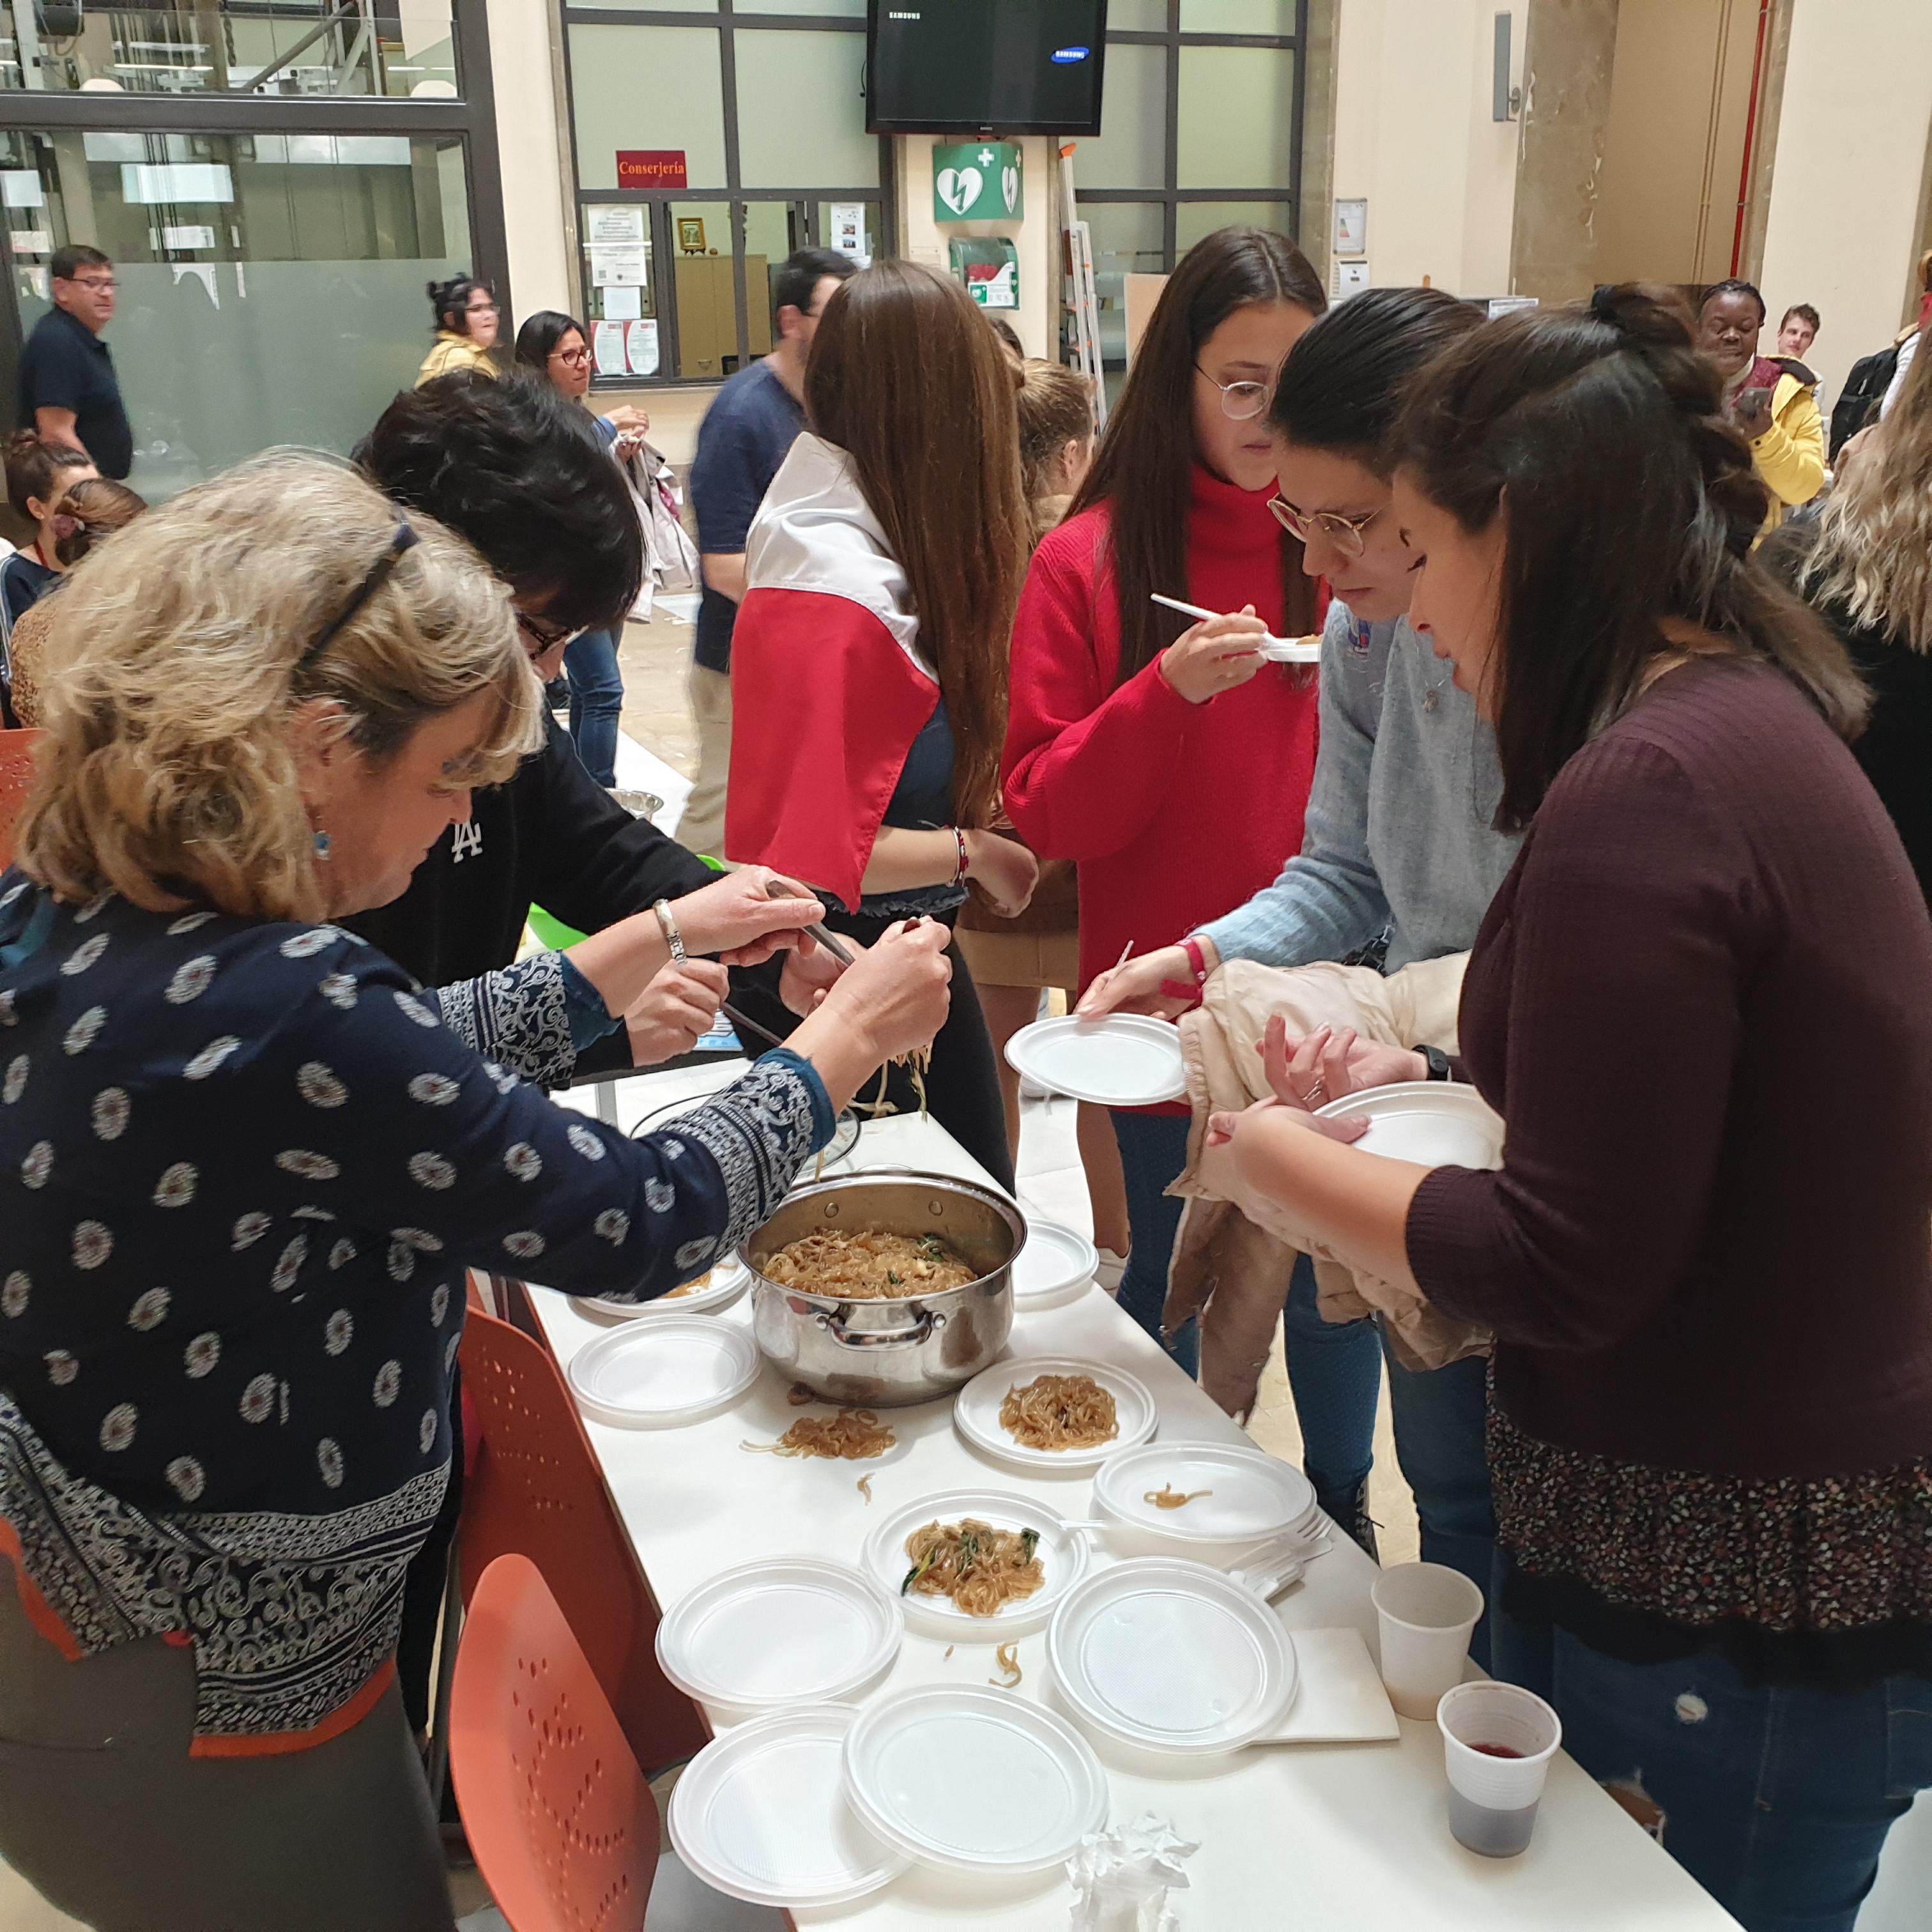 스페인 그라나다 대학교의 International Cultural Fair 행사 사진입니다. 음식을 학생들에게 나누어주고 있었습니다.